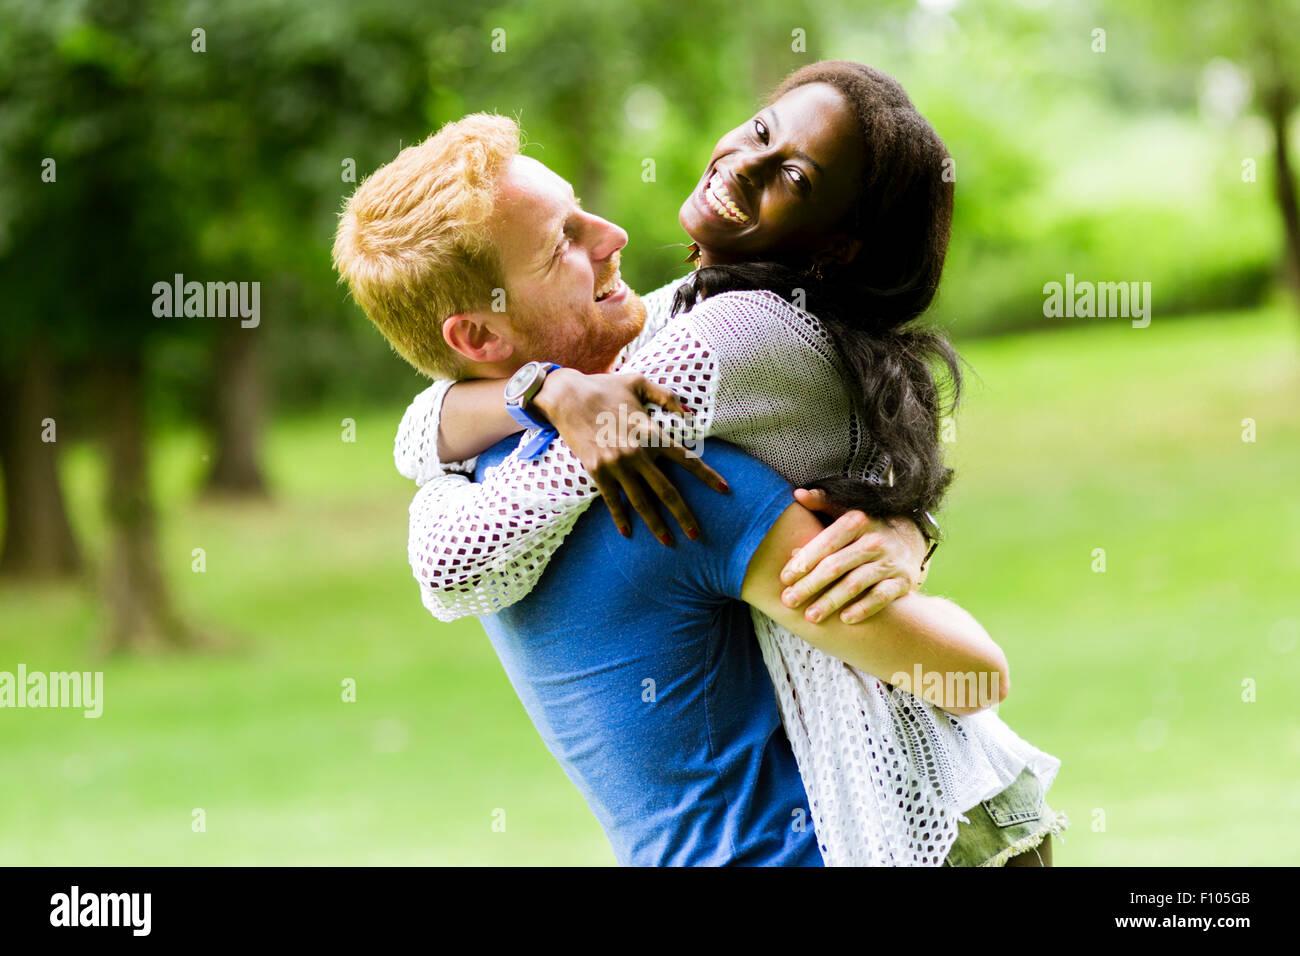 Retrato de una pareja feliz bailando y abrazando en un parque al aire libre Imagen De Stock